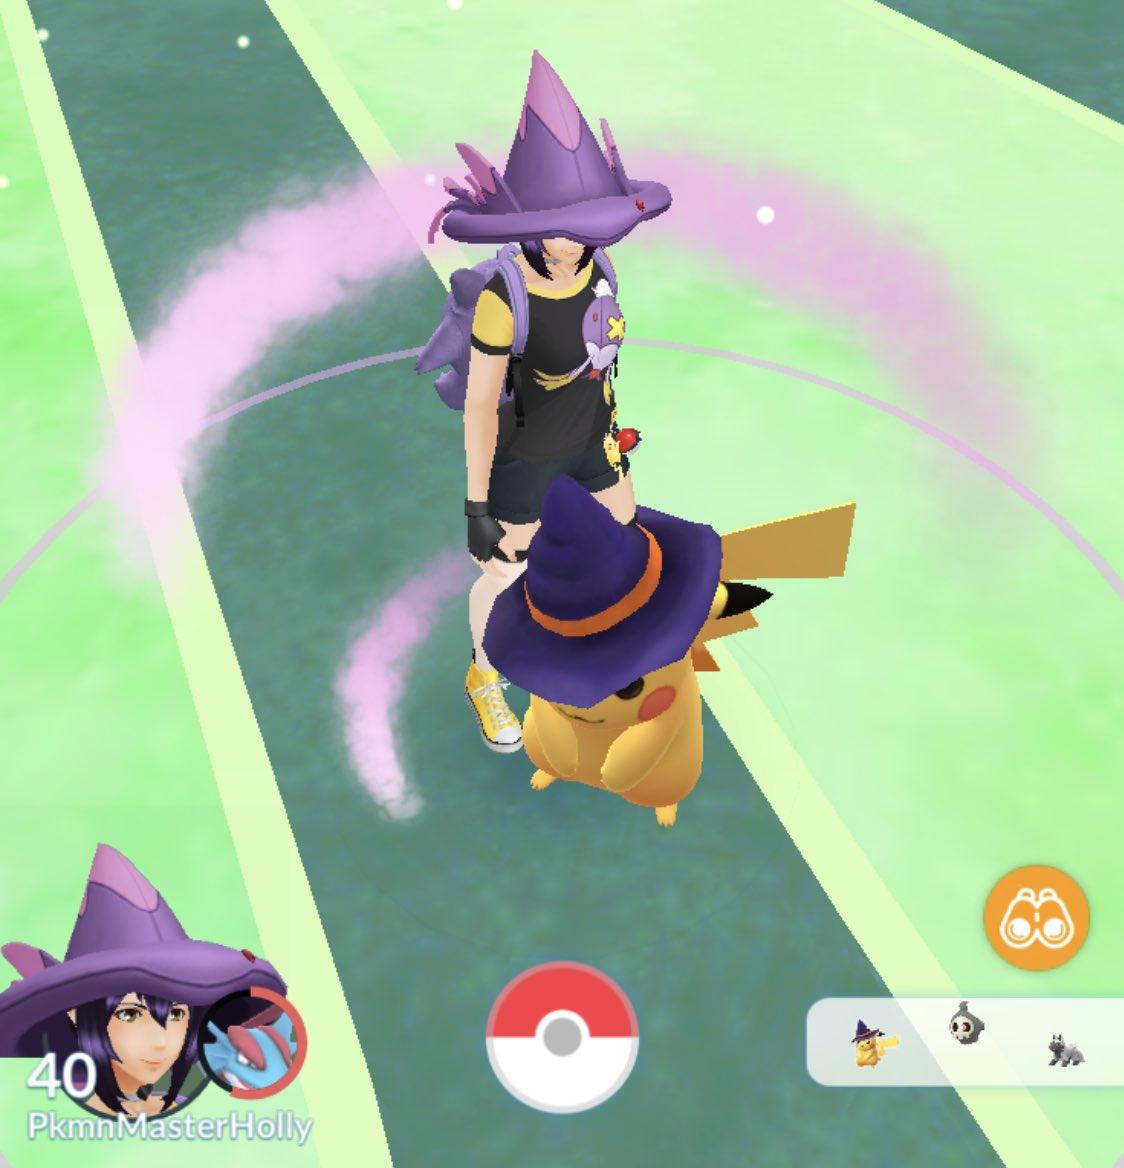 Pokémon GO on Twitter: